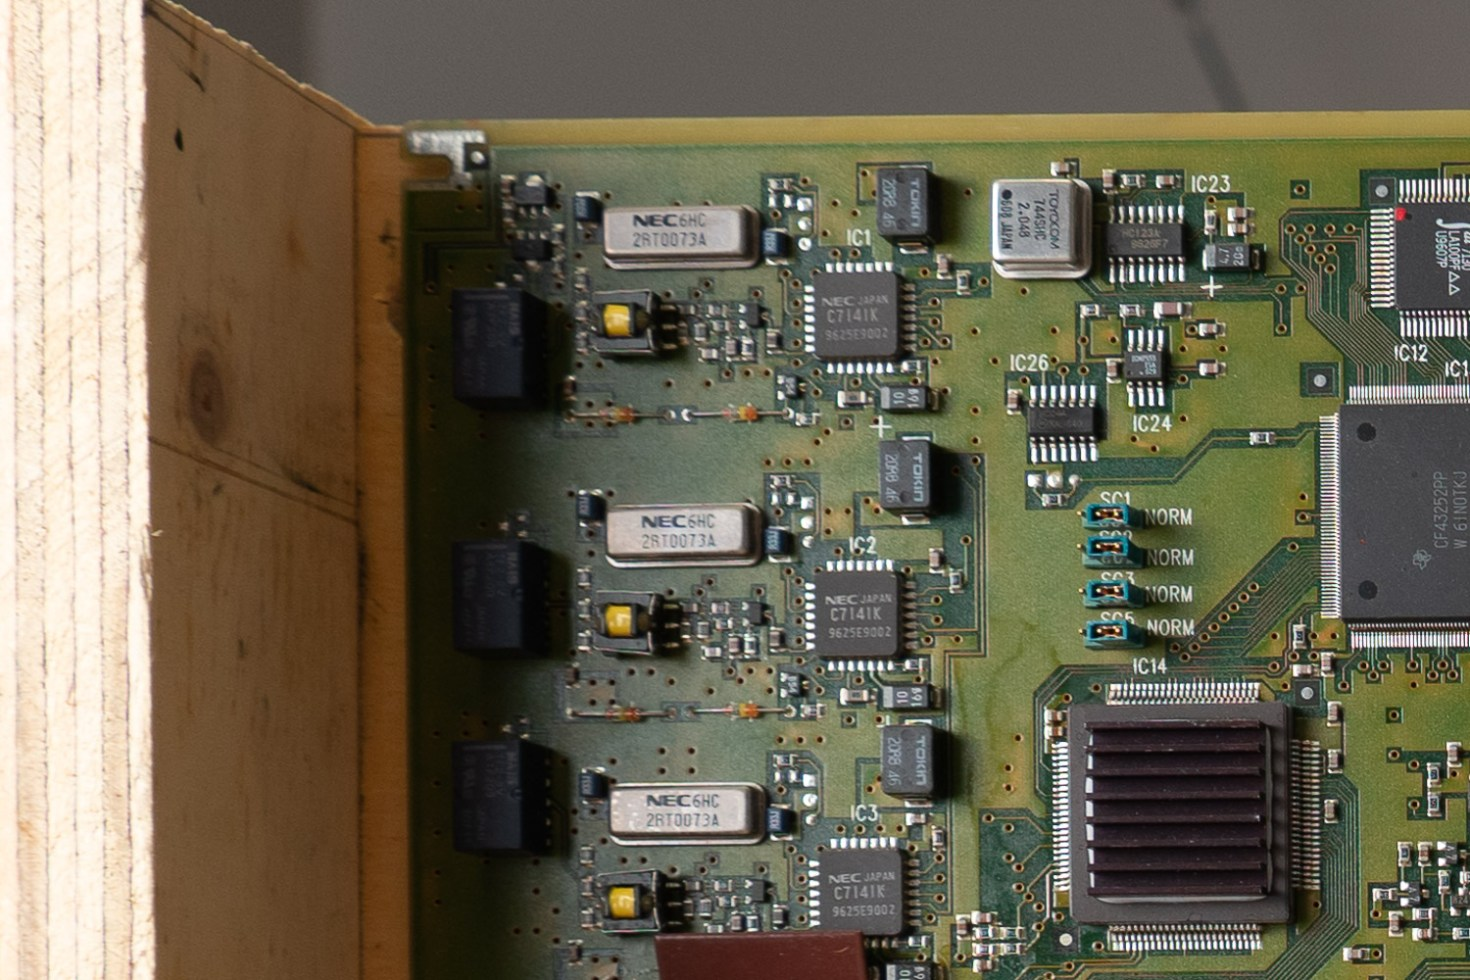 Sony A6500 w/ Sony 18-135mm f/3.5-5.6 OSS Lens @ 18mm, f/3.5